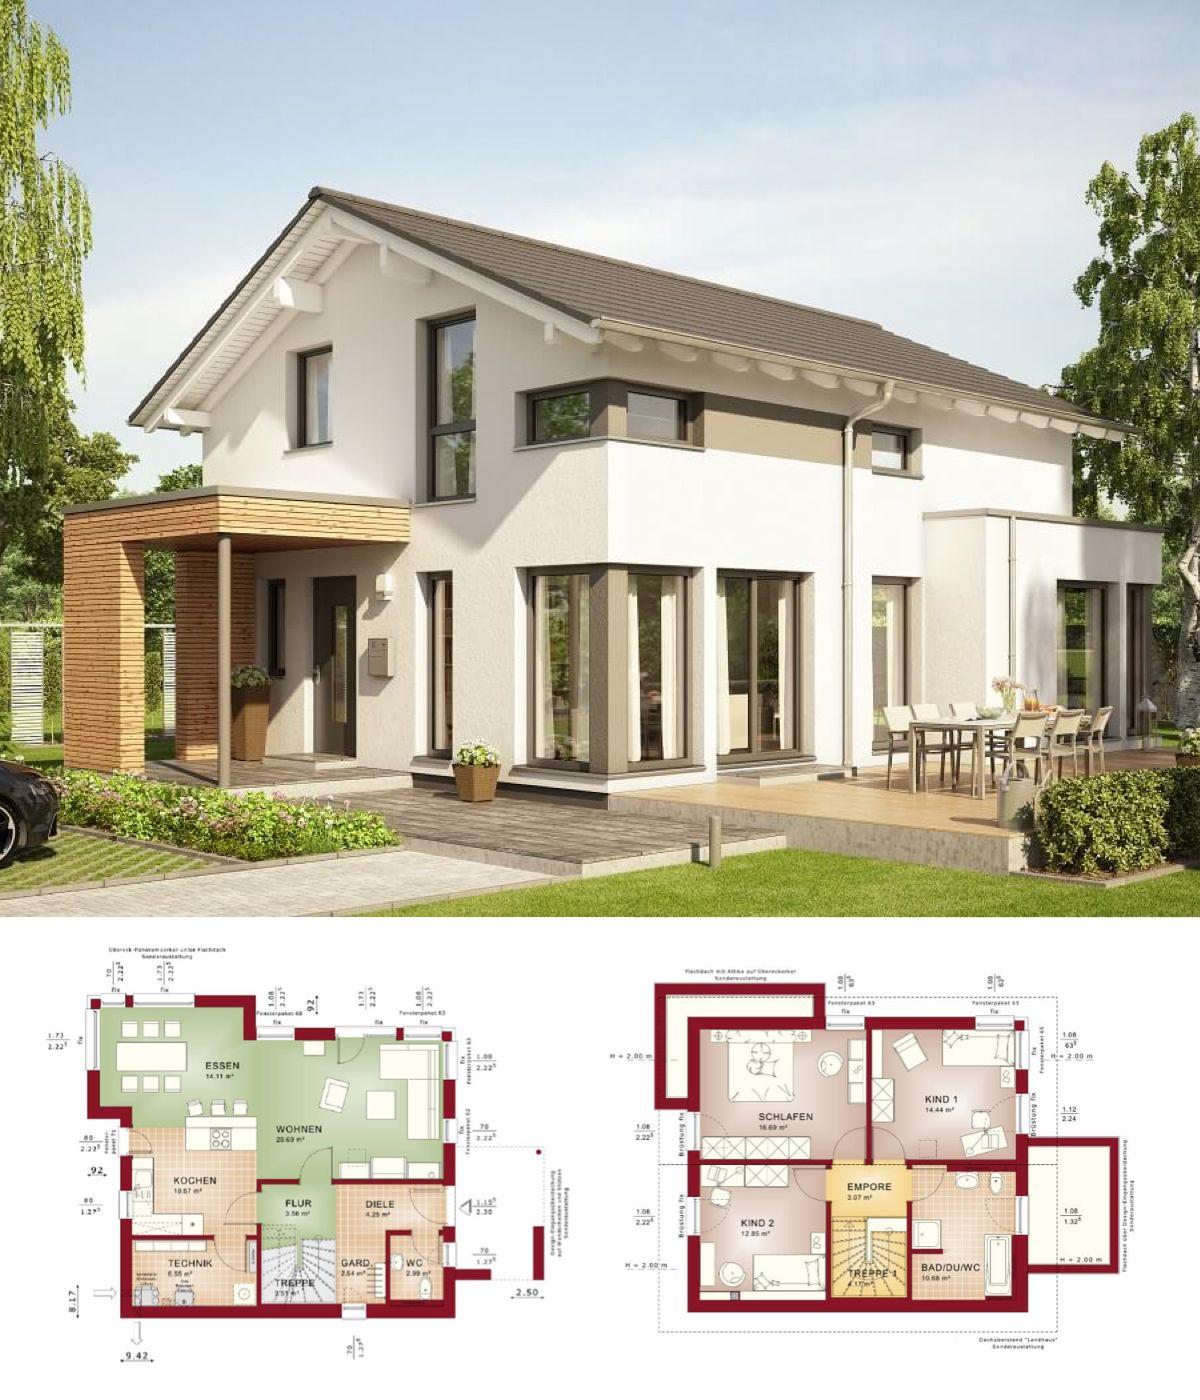 Einfamilienhaus modern haus edition 1 v3 bien zenker for Haus planen grundriss